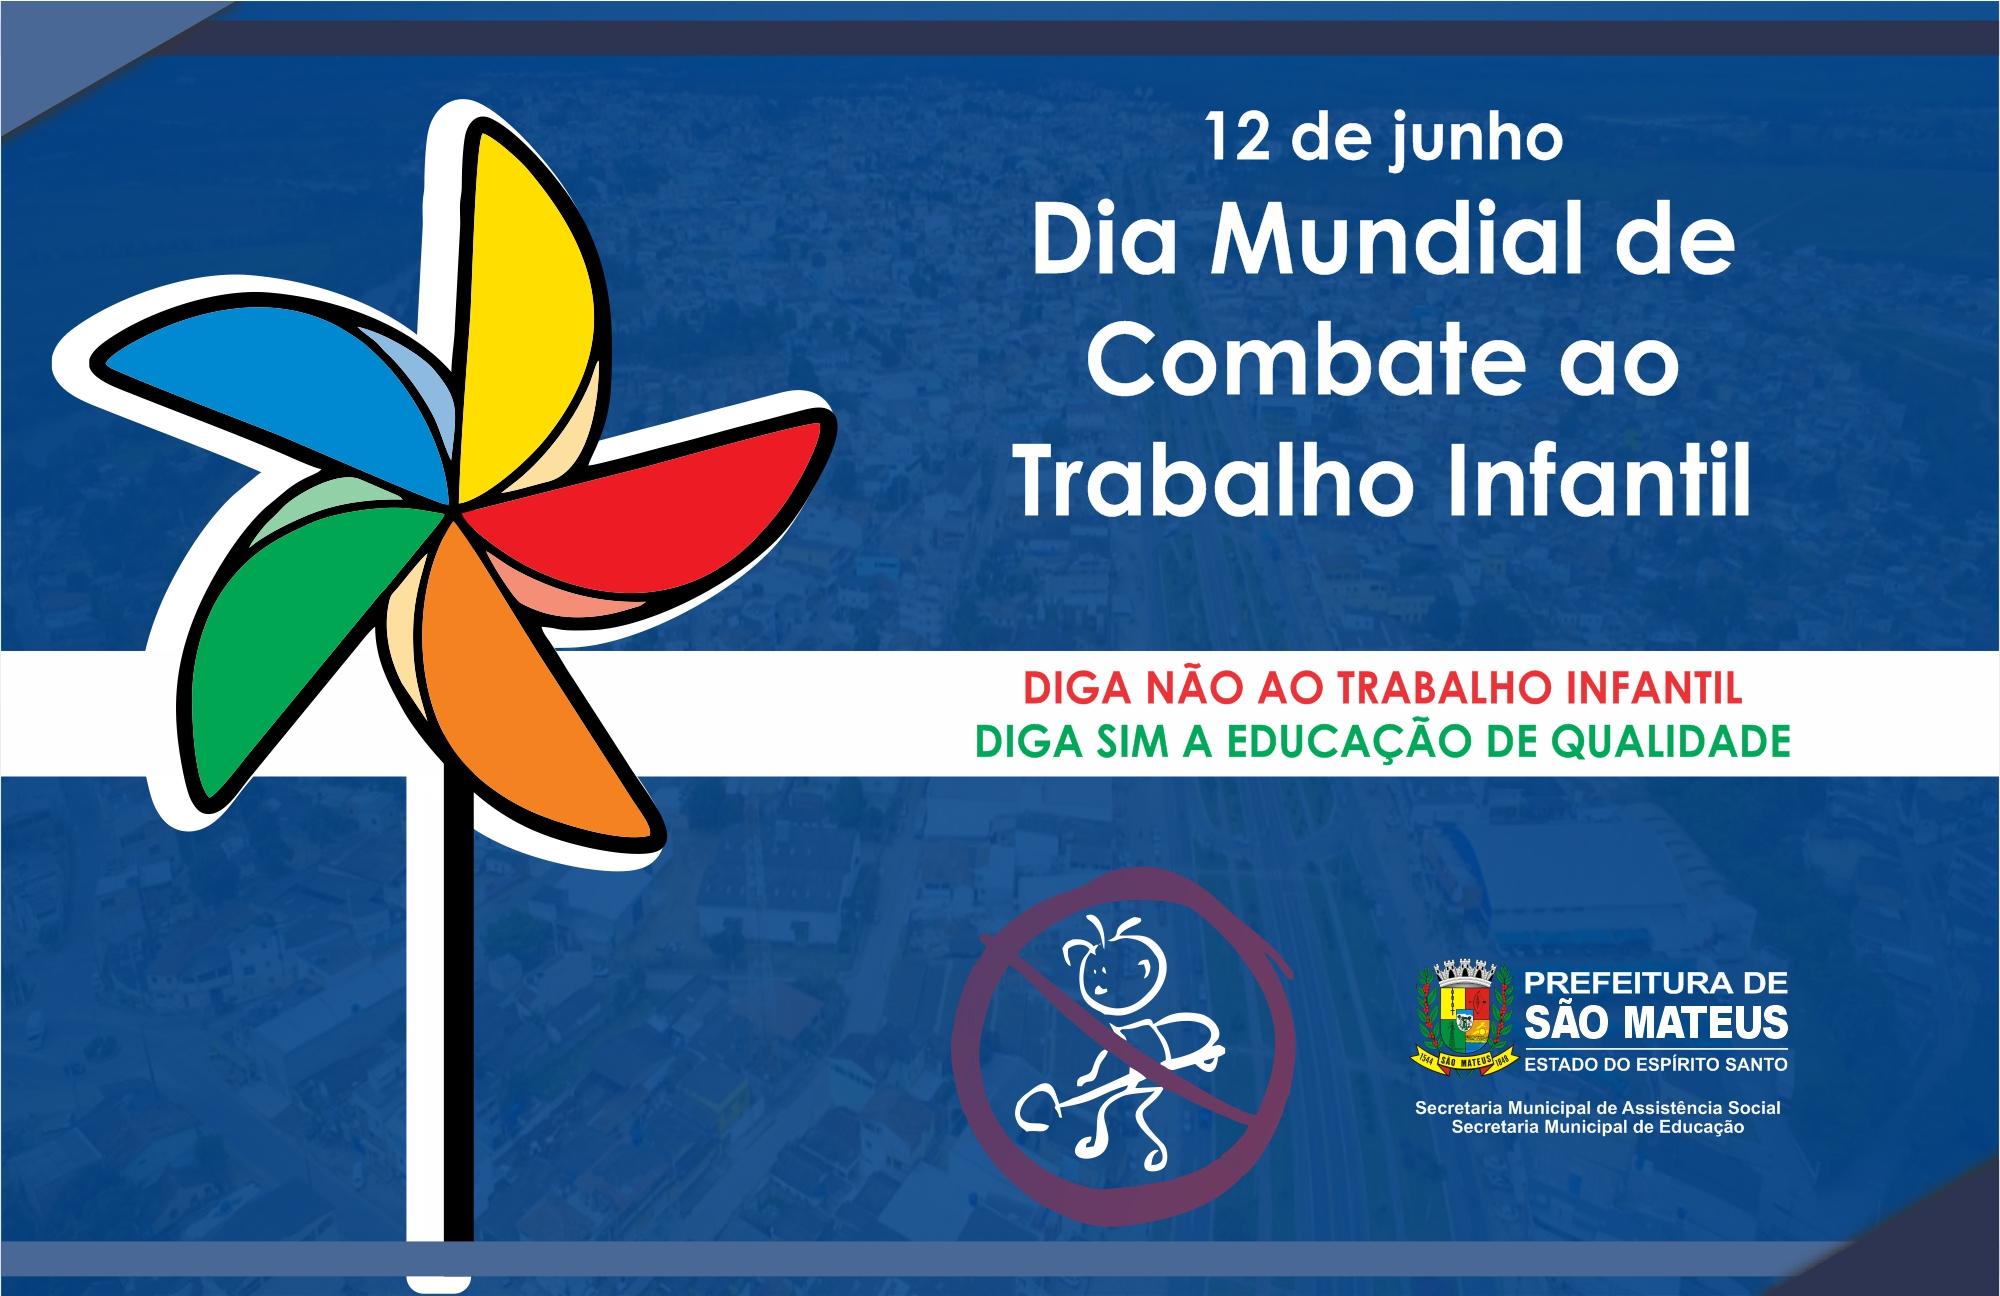 12 DE JUNHO DIA MUNDIAL DE COMBATE AO TRABALHO INFANTIL